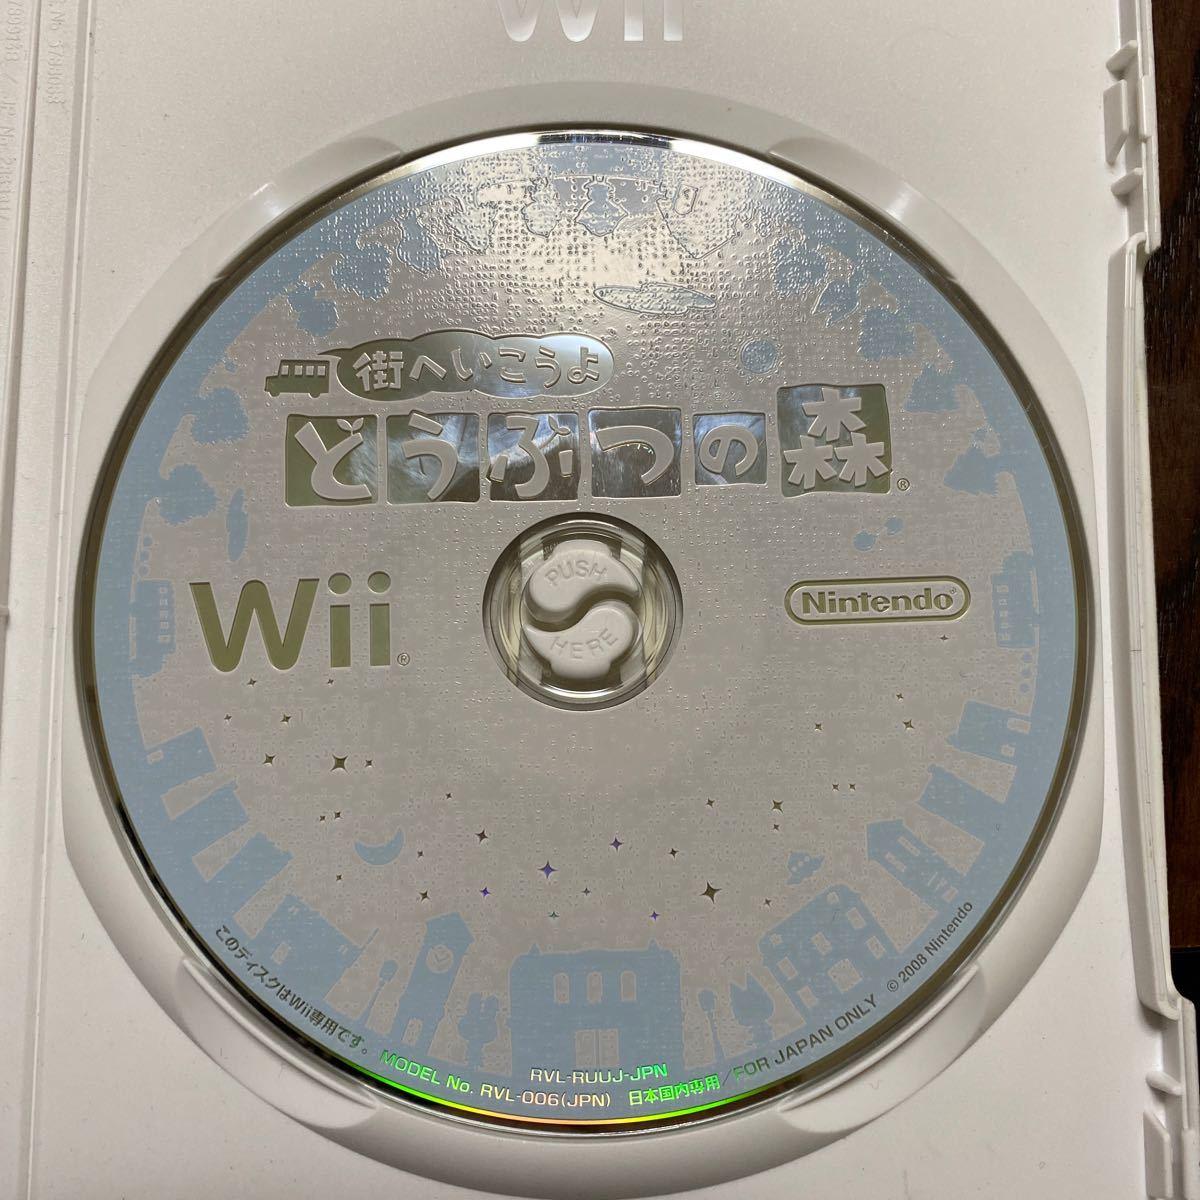 Wii 街へいこうよどうぶつの森 Wiiソフト